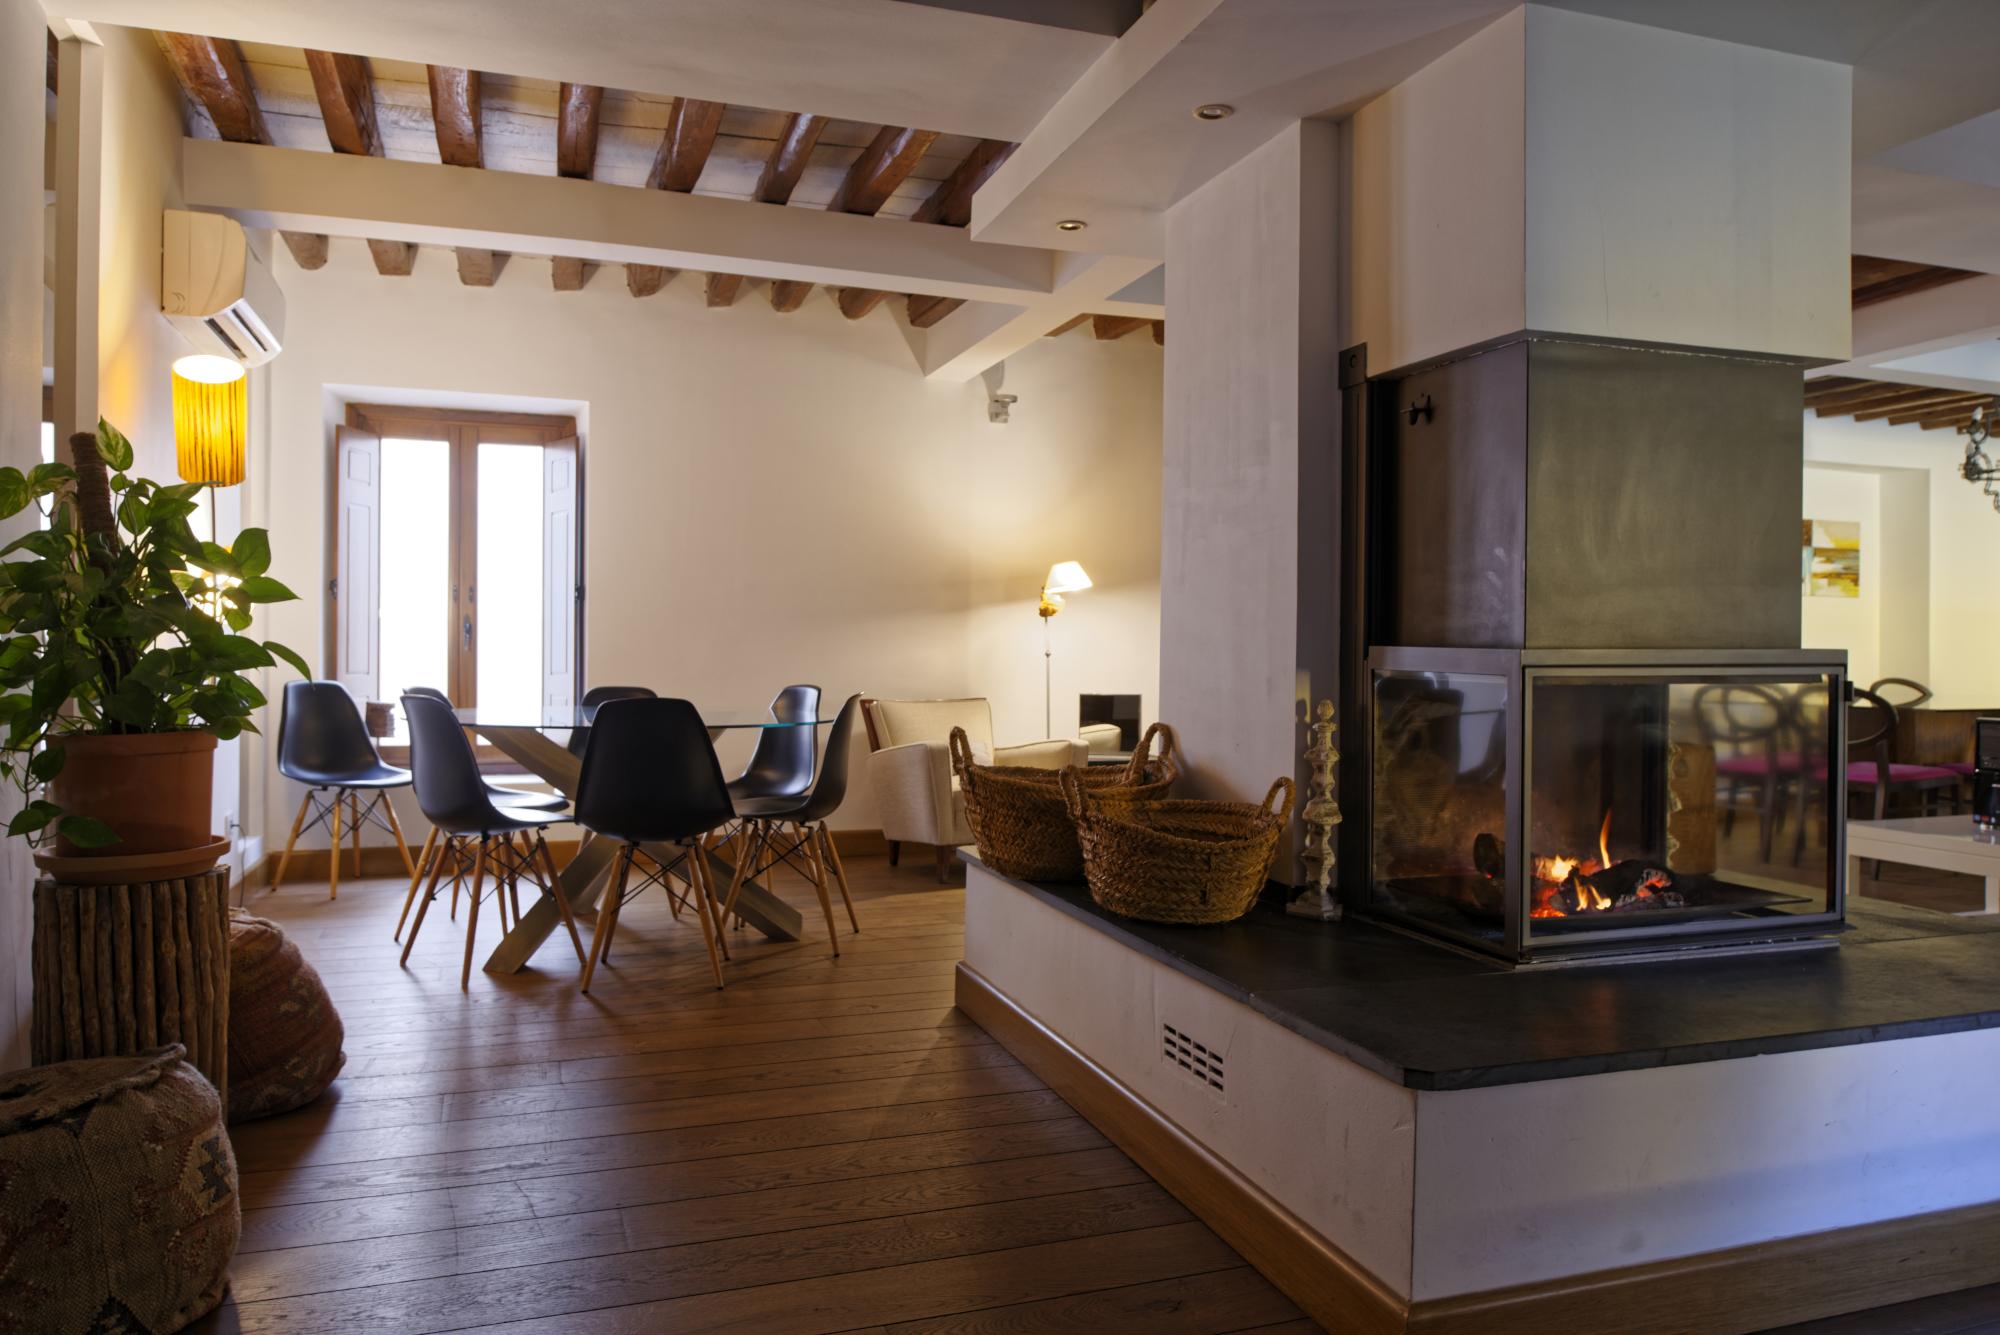 Casa rural de lujo villa cornelius casa rural de 3 - Casa rural lujo ...